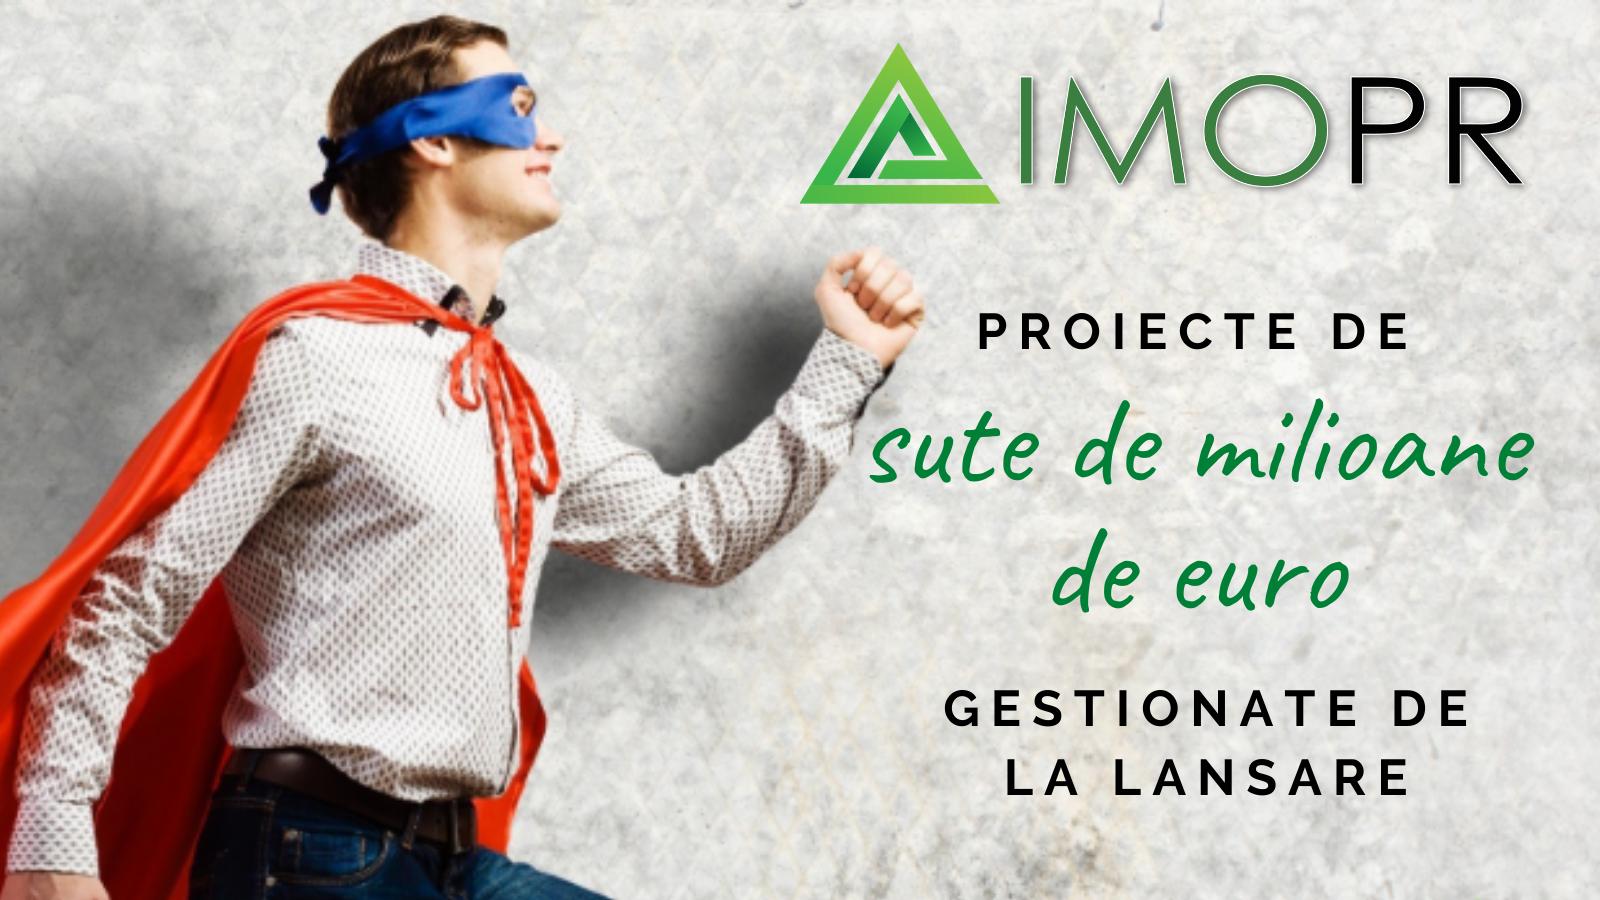 imoPR: Proiecte de sute de milioane de euro gestionate în 3 luni de la lansare